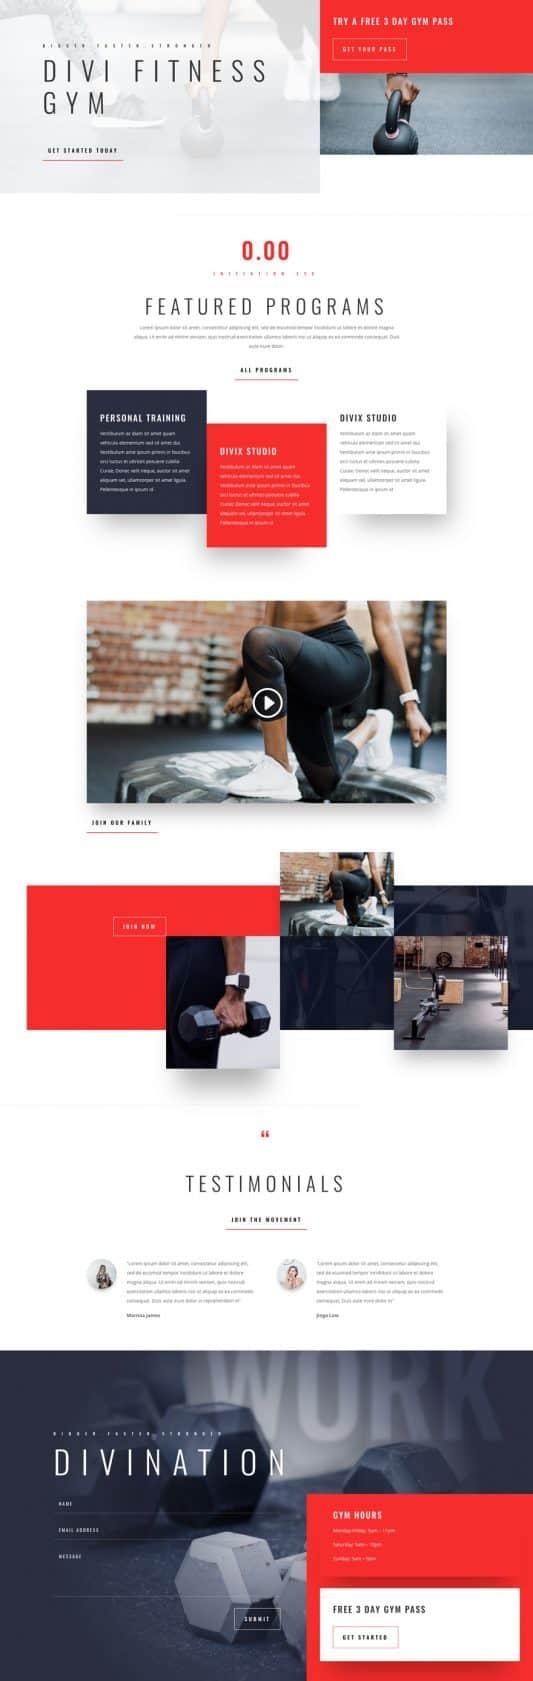 Fitness Gym Web Design 5